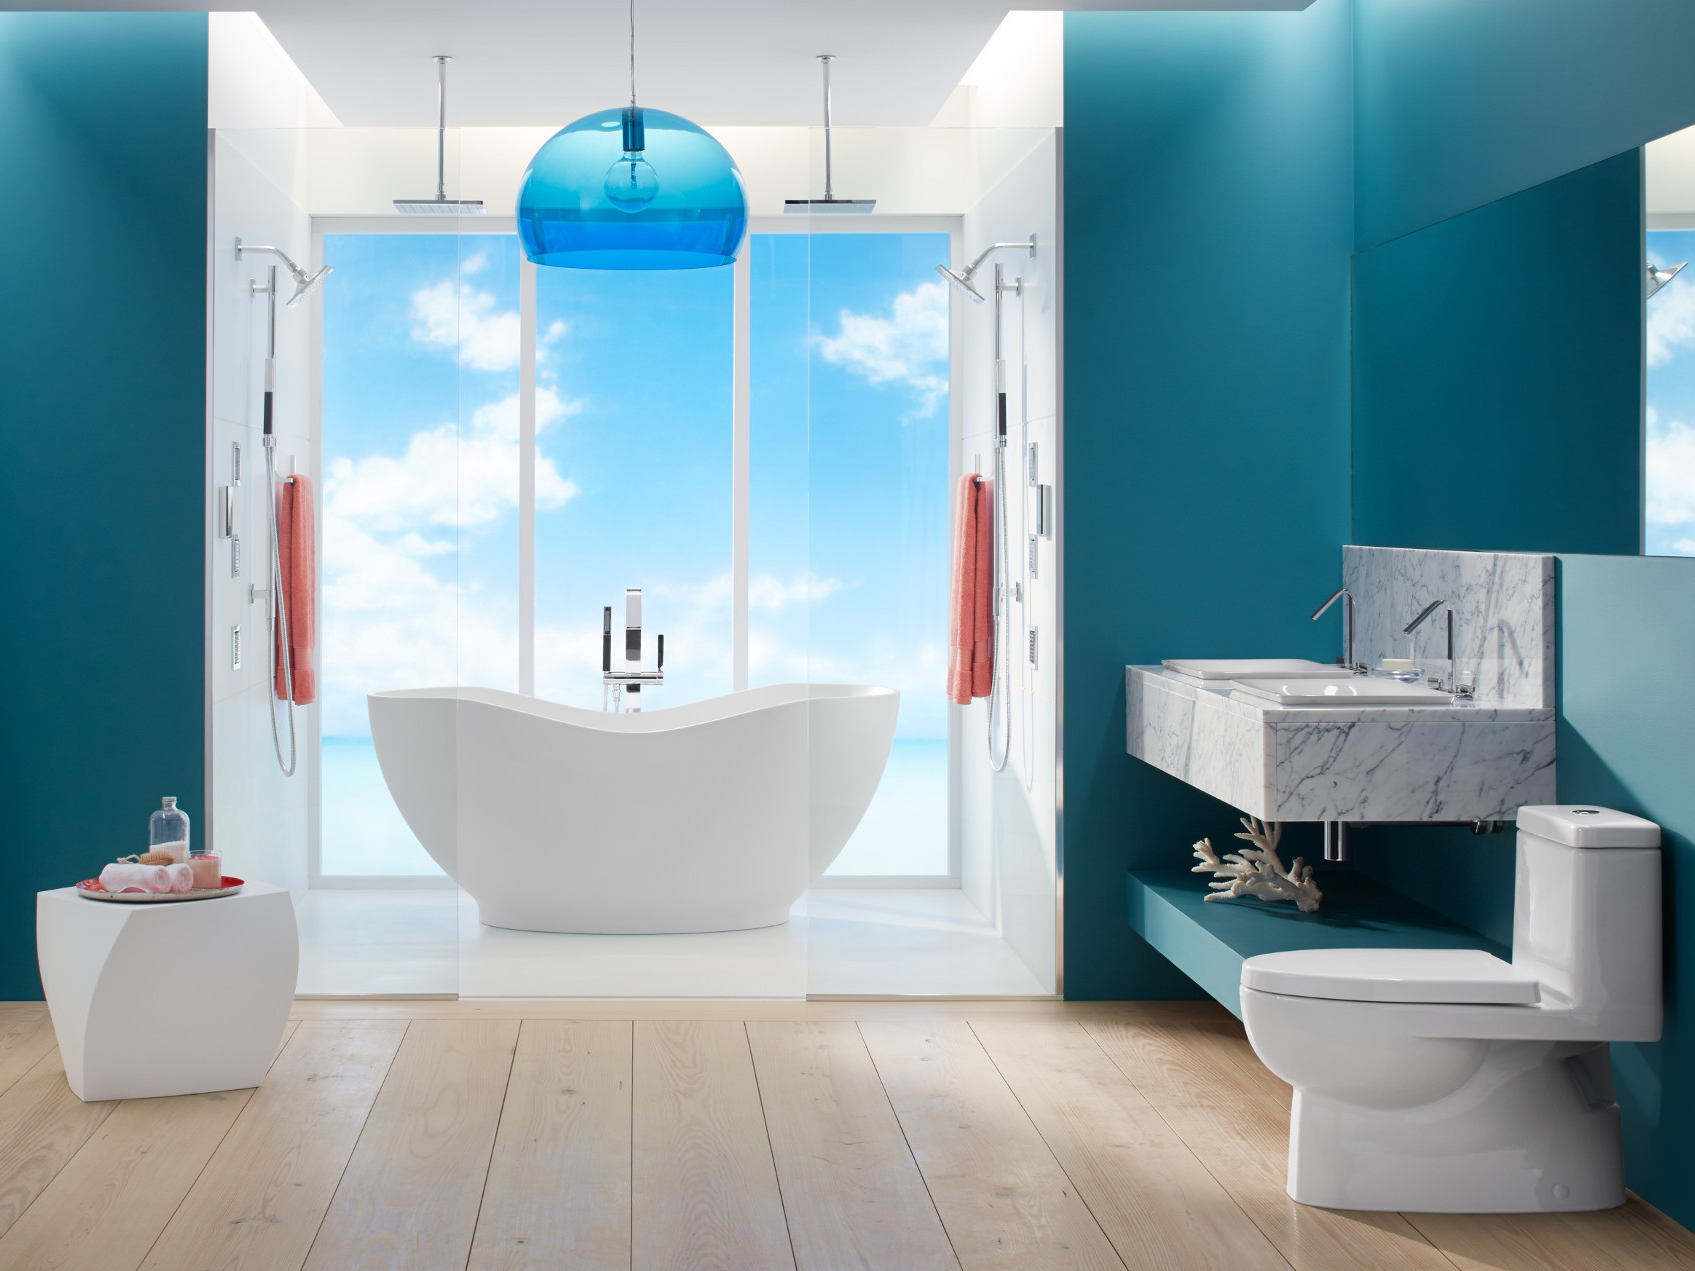 KOHLER Kitchen Bathroom Products at Waterware Kitchen Bath